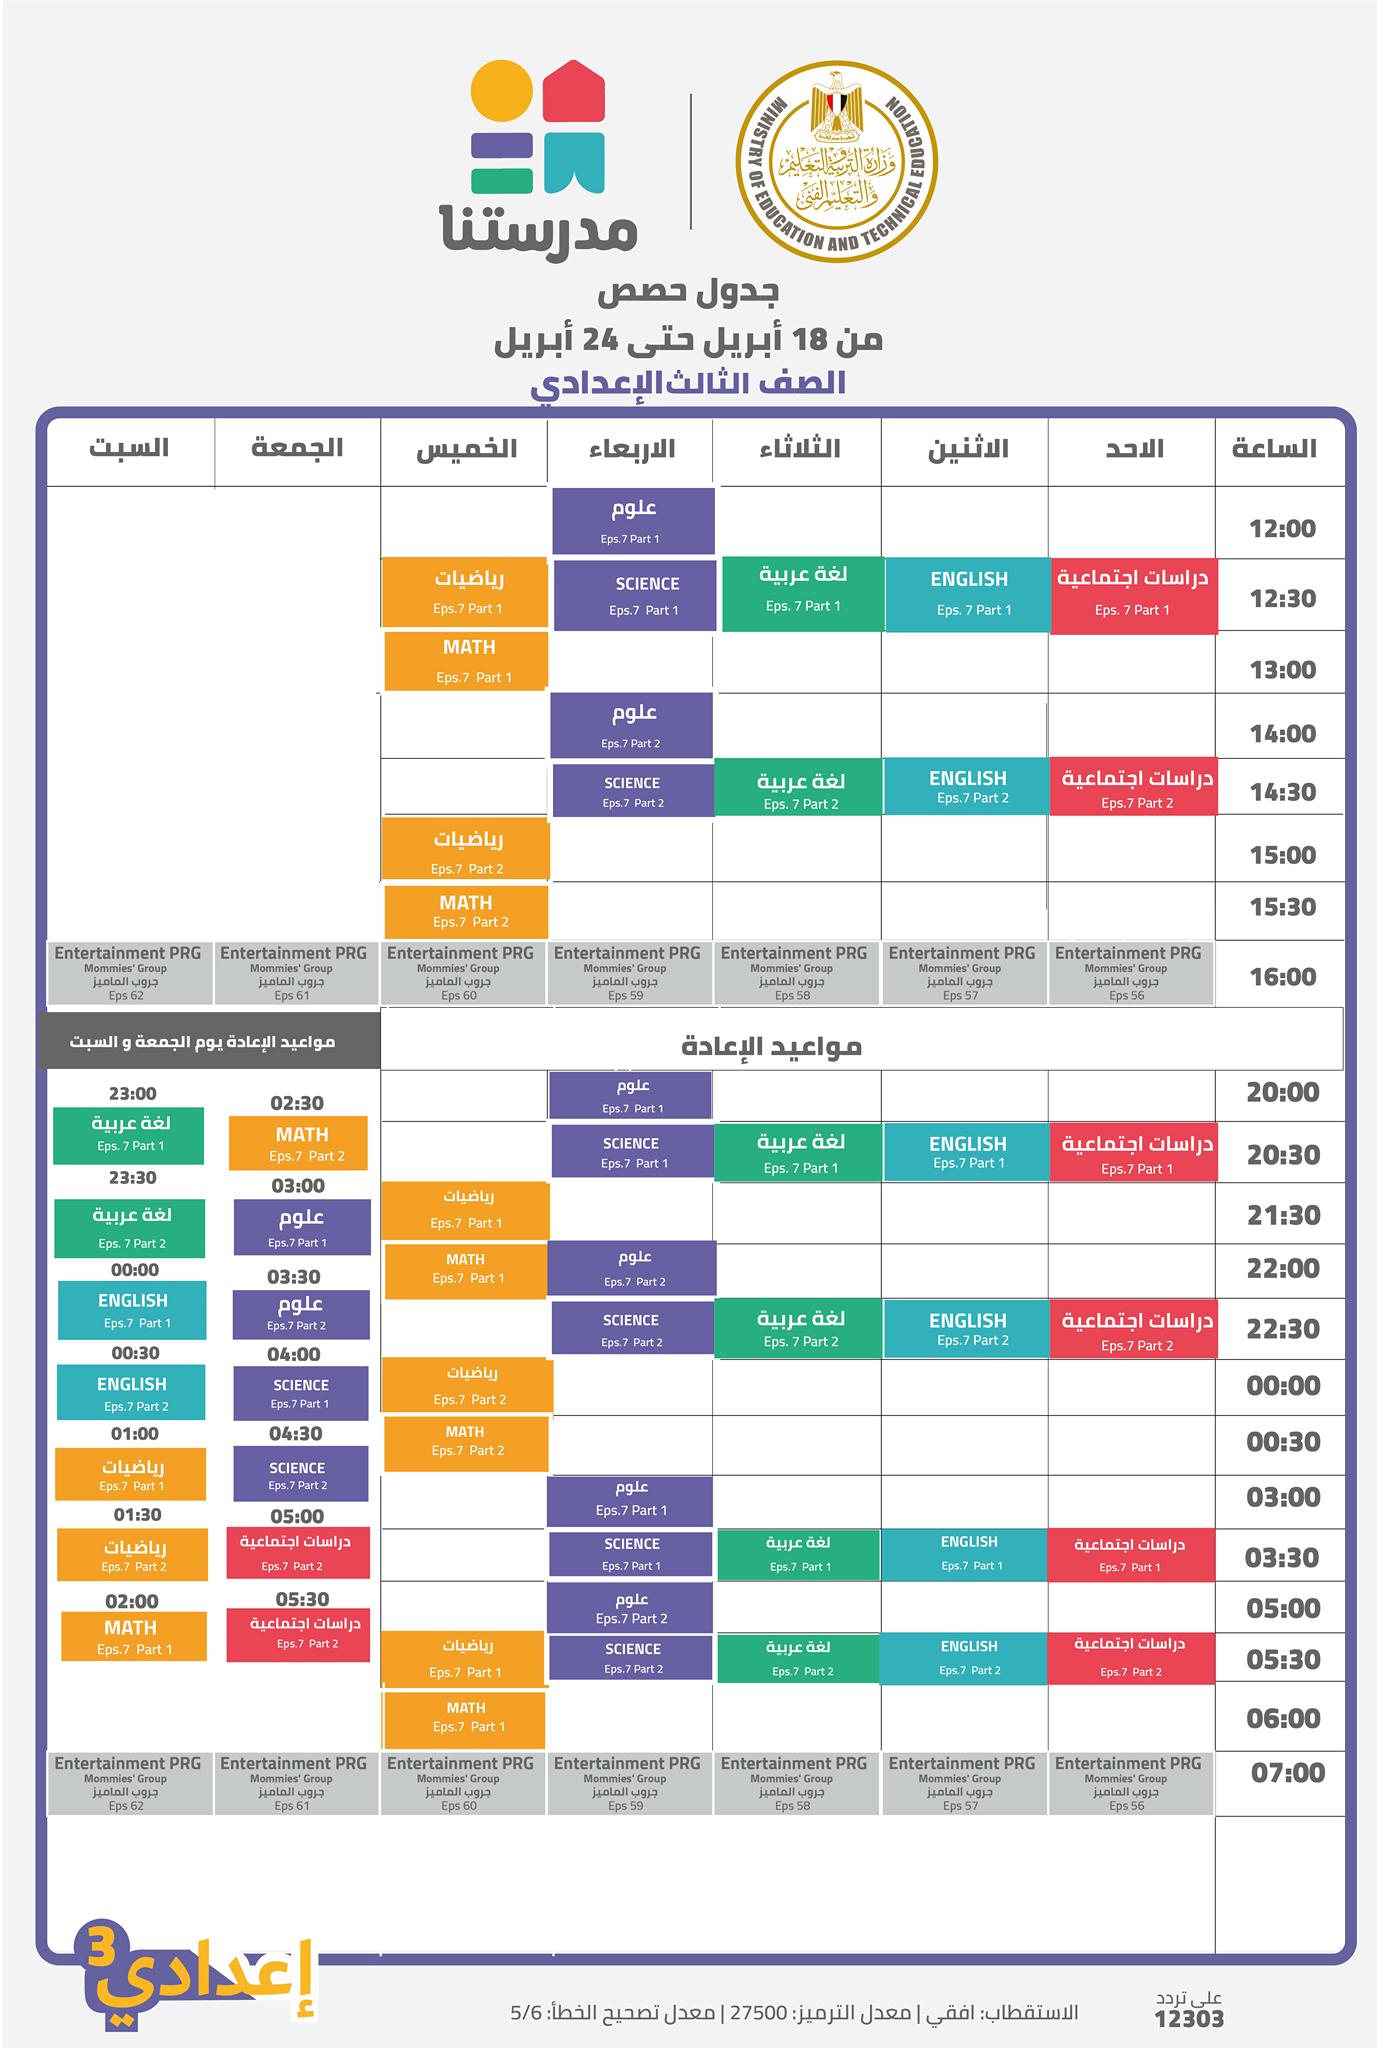 جدول مواعيد البرامج التعليمية علي قناة مدرستنا التعليمية من 18 أبريل إلي 24 أبريل 2021 7